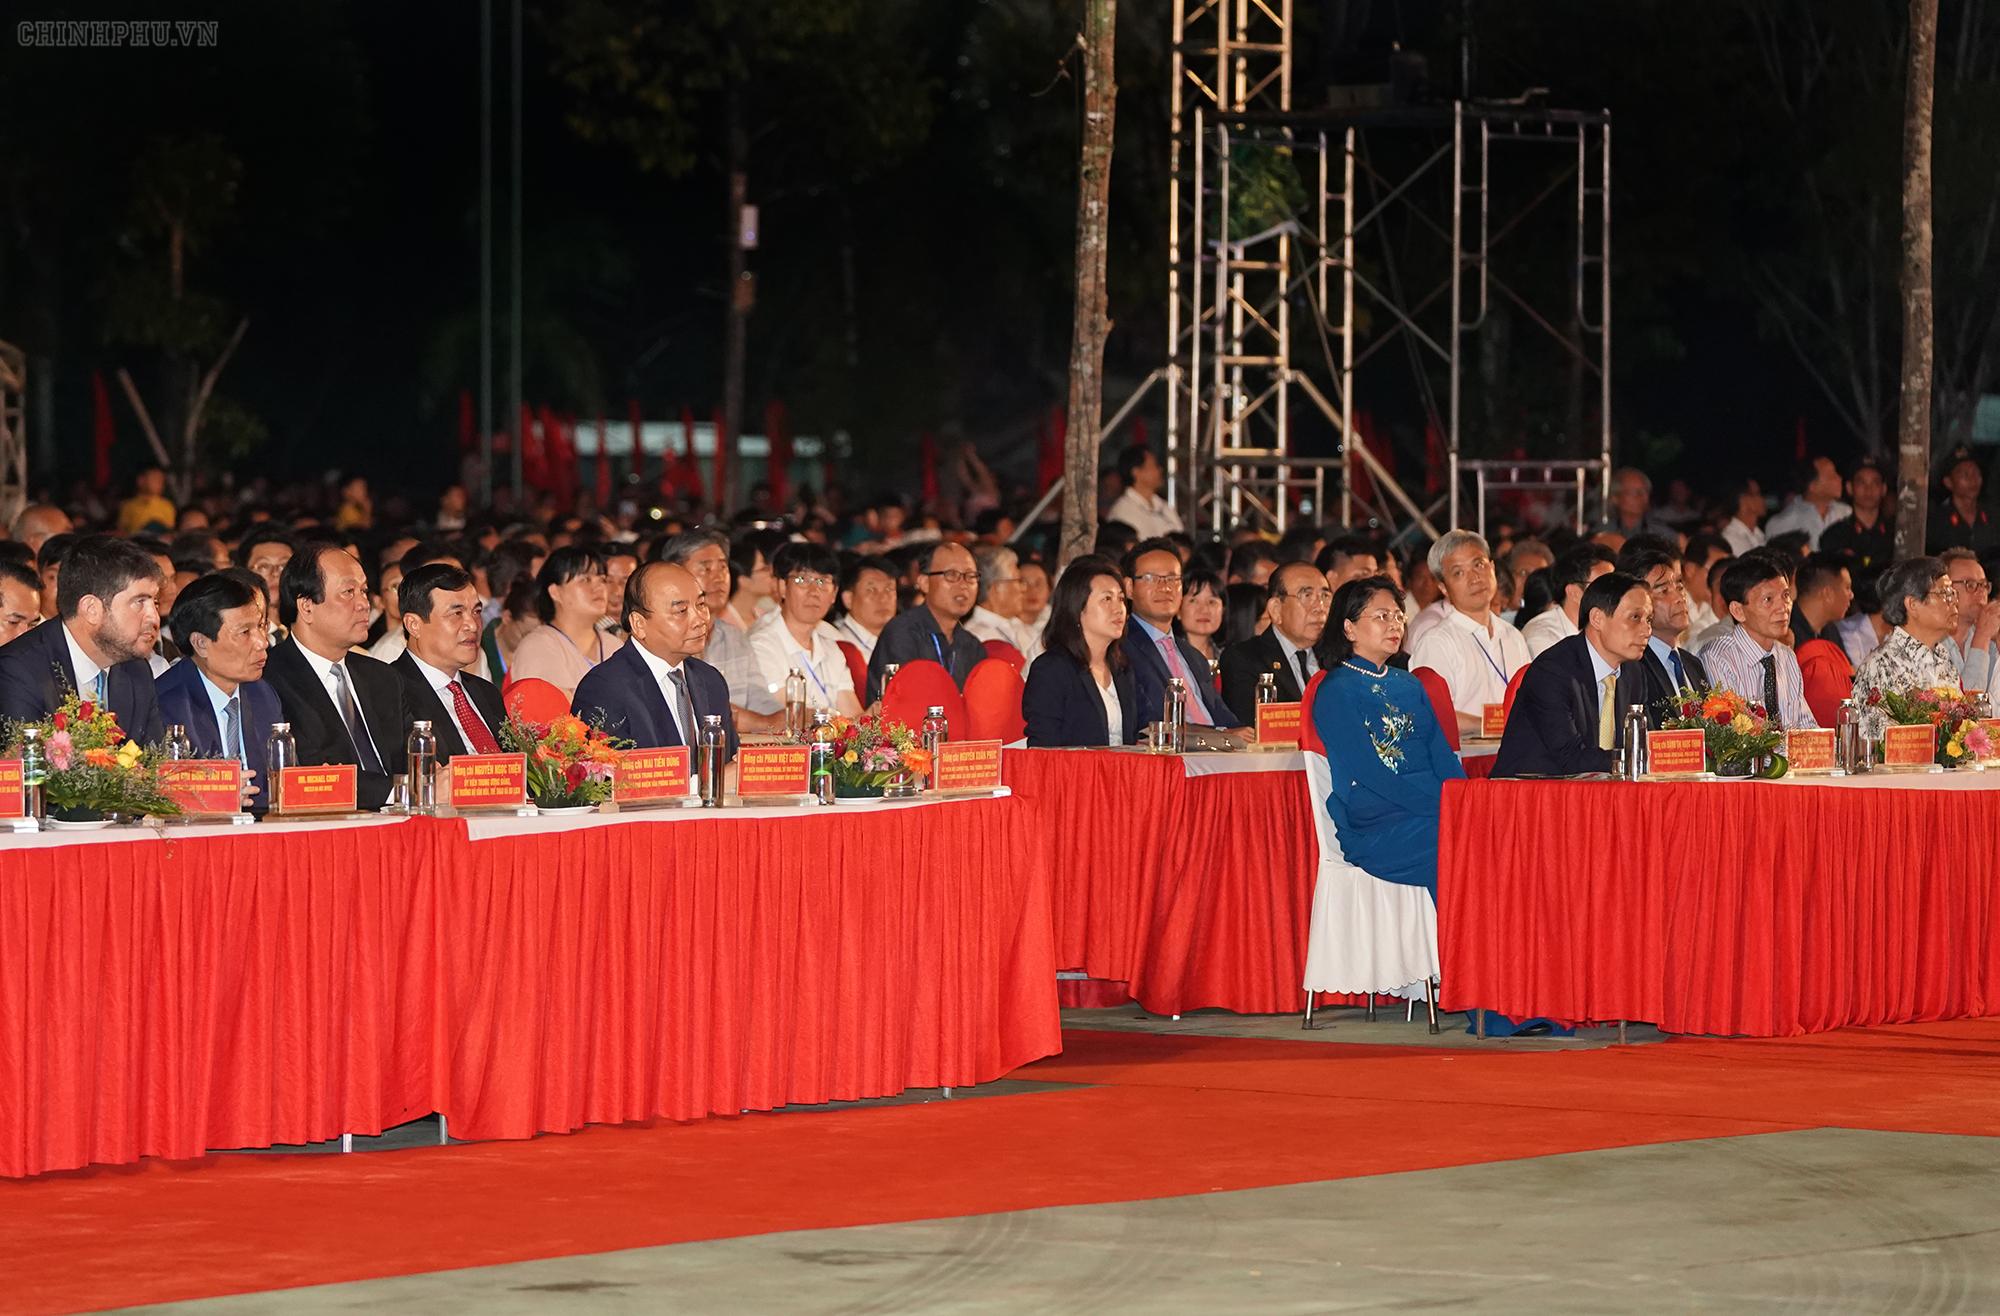 Các đại biểu dự lễ kỷ niệm. - Ảnh: VGP/Quang Hiếu